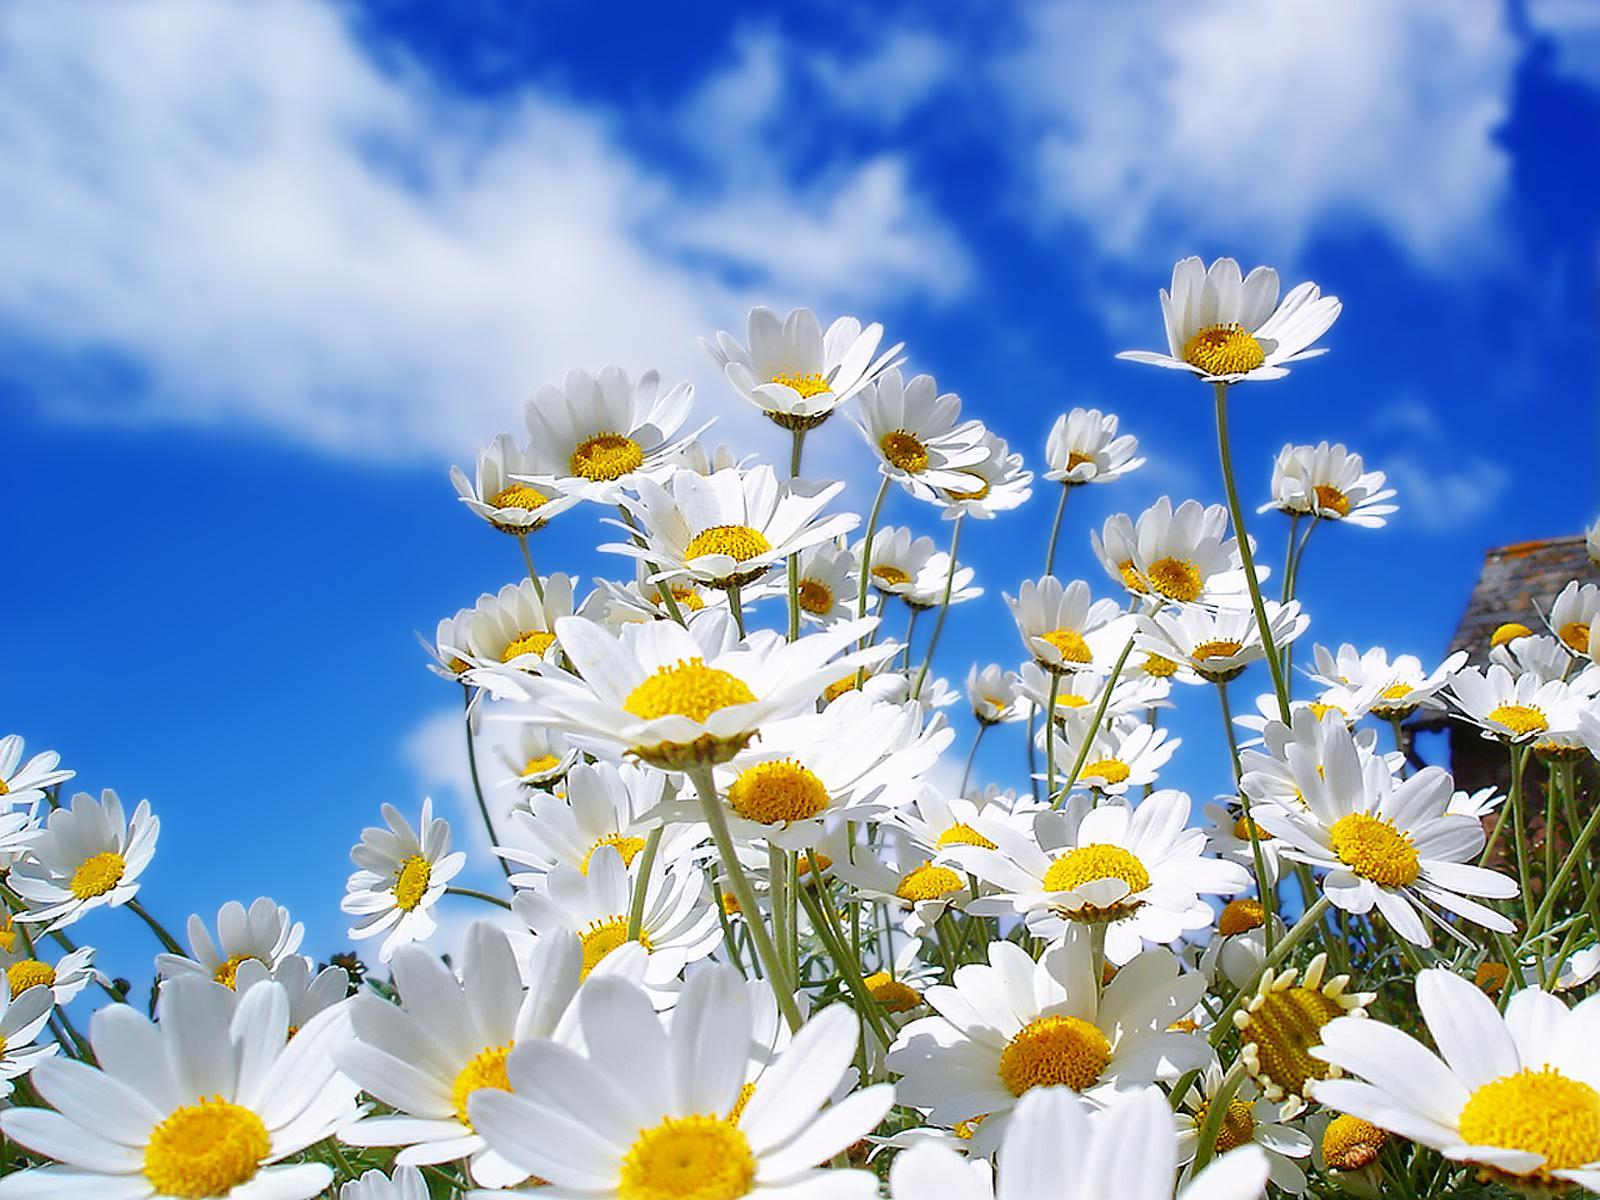 spring wallpaper flower springjpg 1600x1200